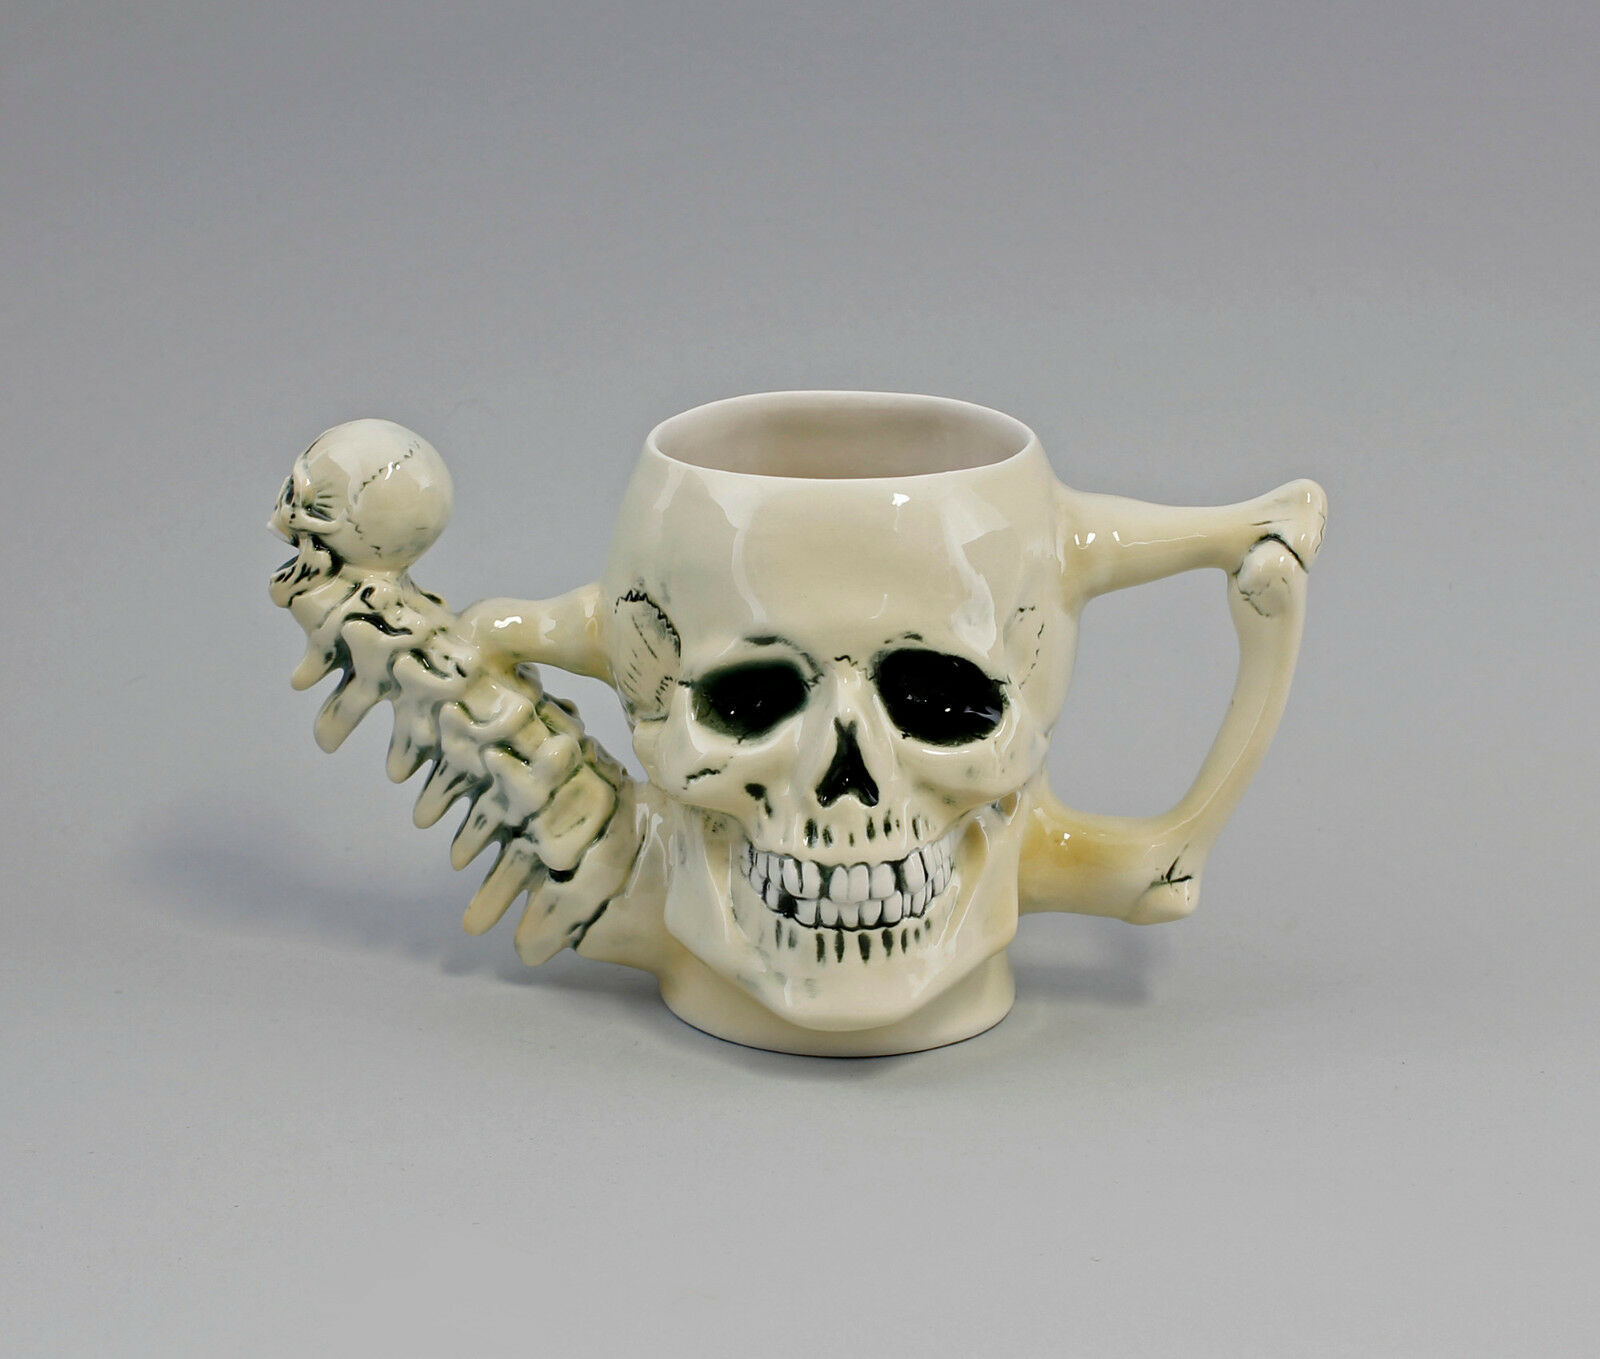 9941877 Porzellan Gießkanne Skelett Totenschädel Ens L 22 cm H 13 cm